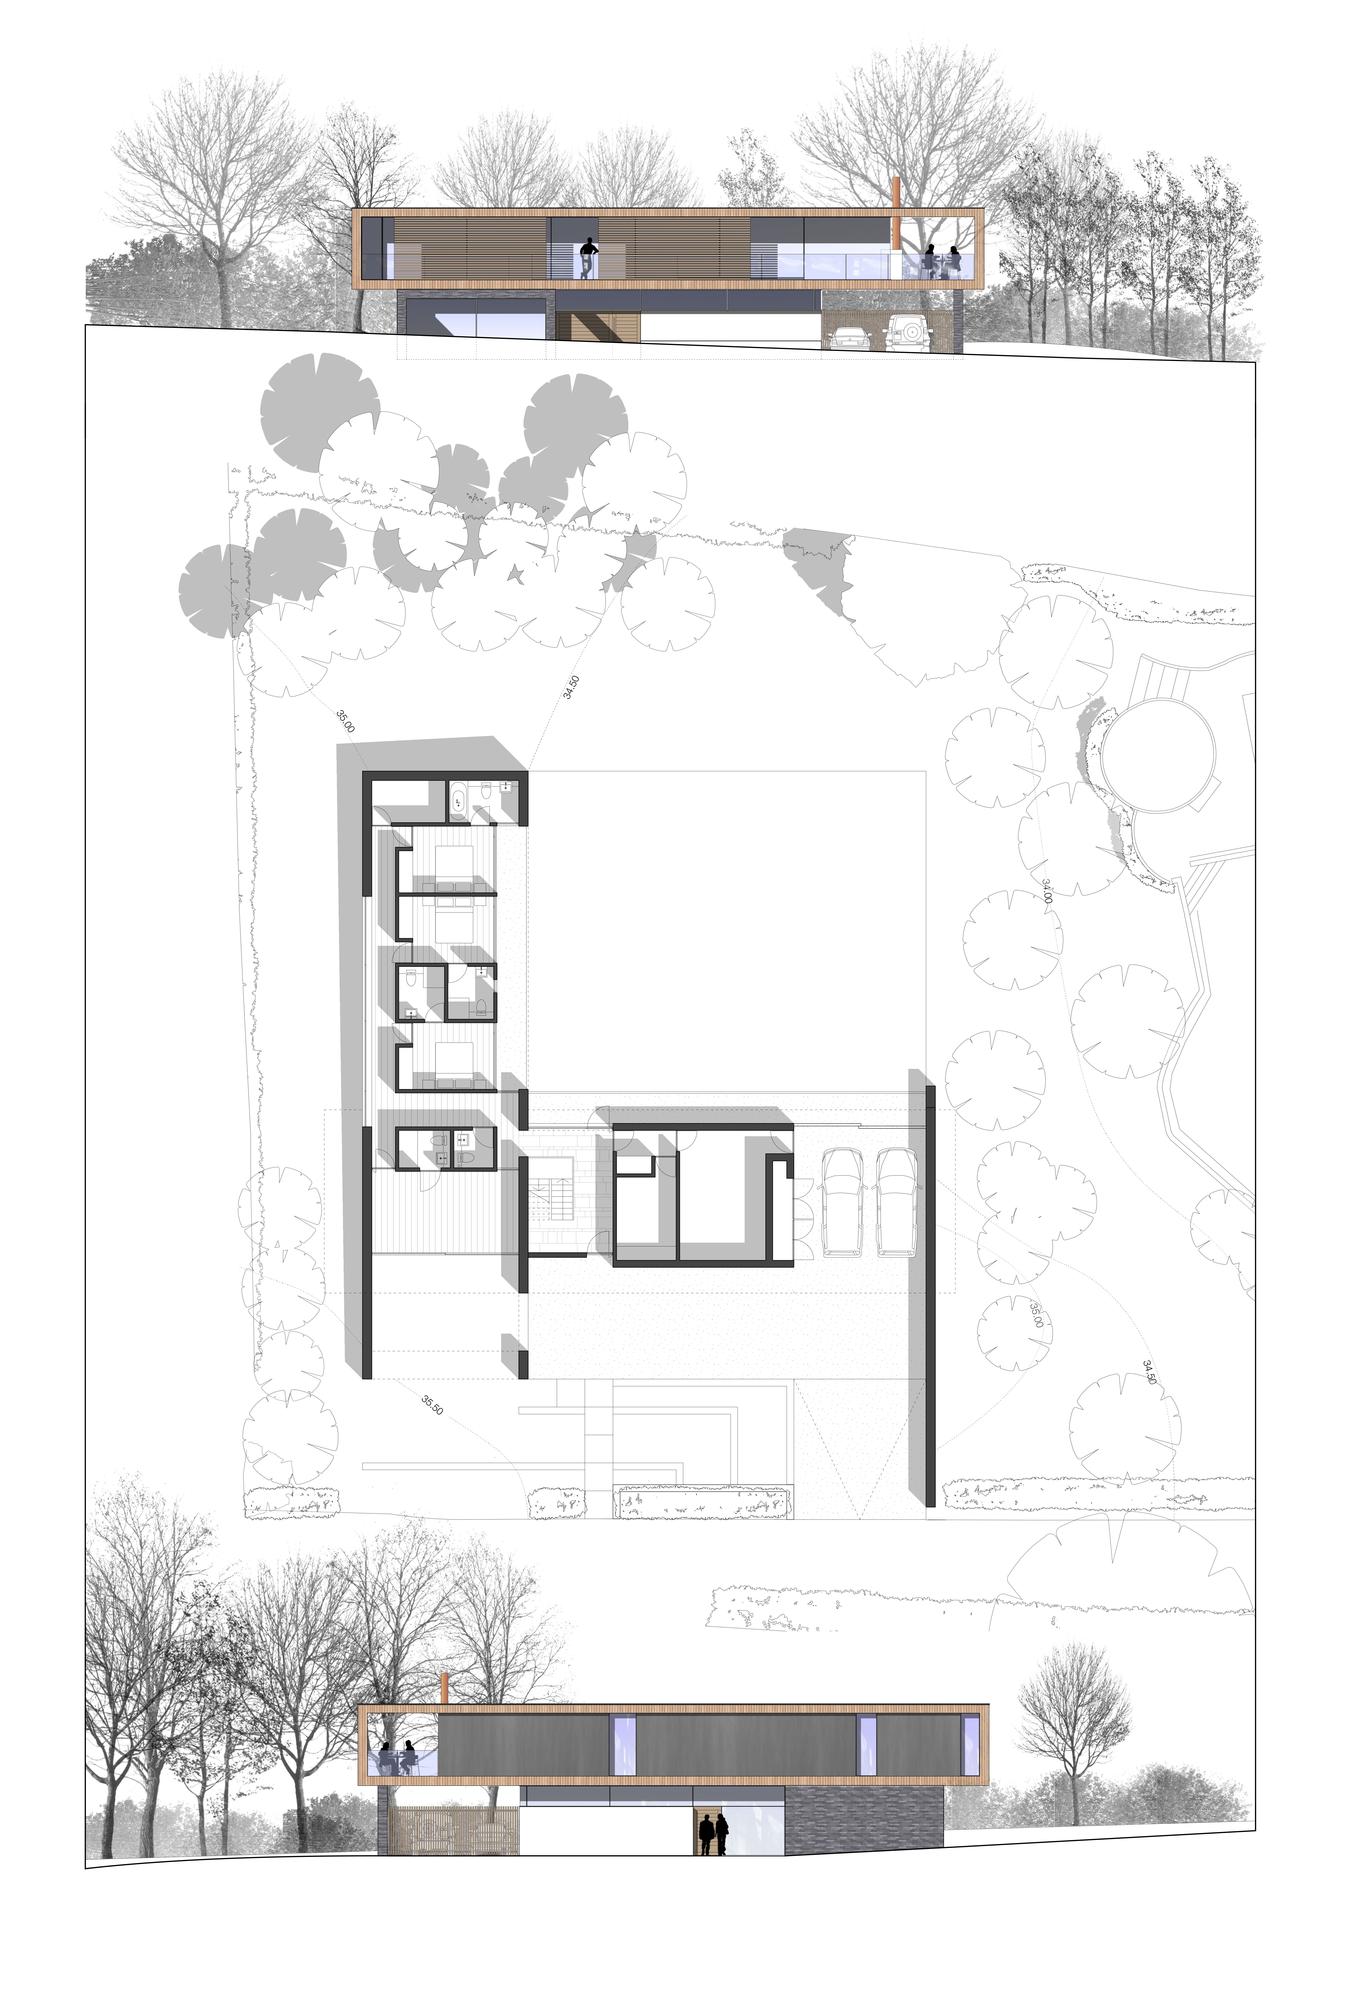 Gallery of Hurst House / John Pardey Architects + Ström